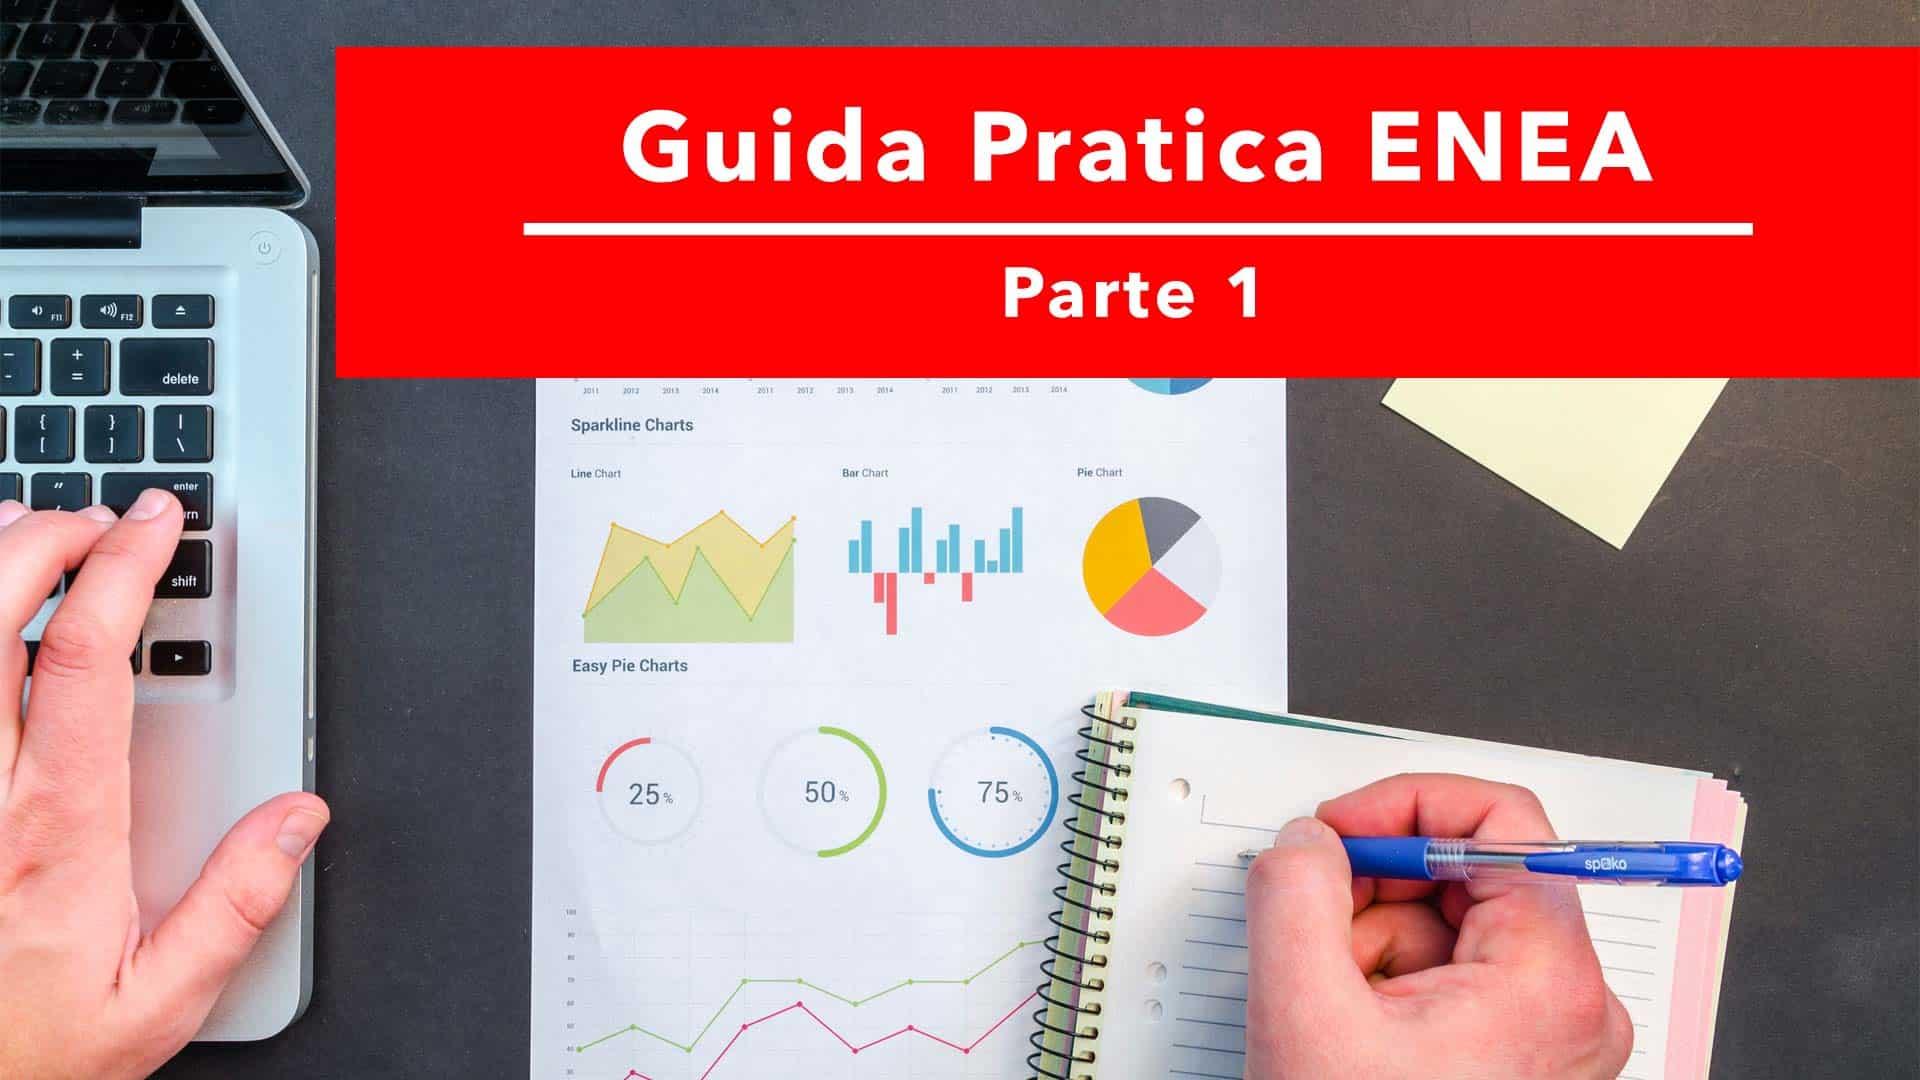 Guida: come fare i documenti e la pratica per la detrazione Enea - 1a parte